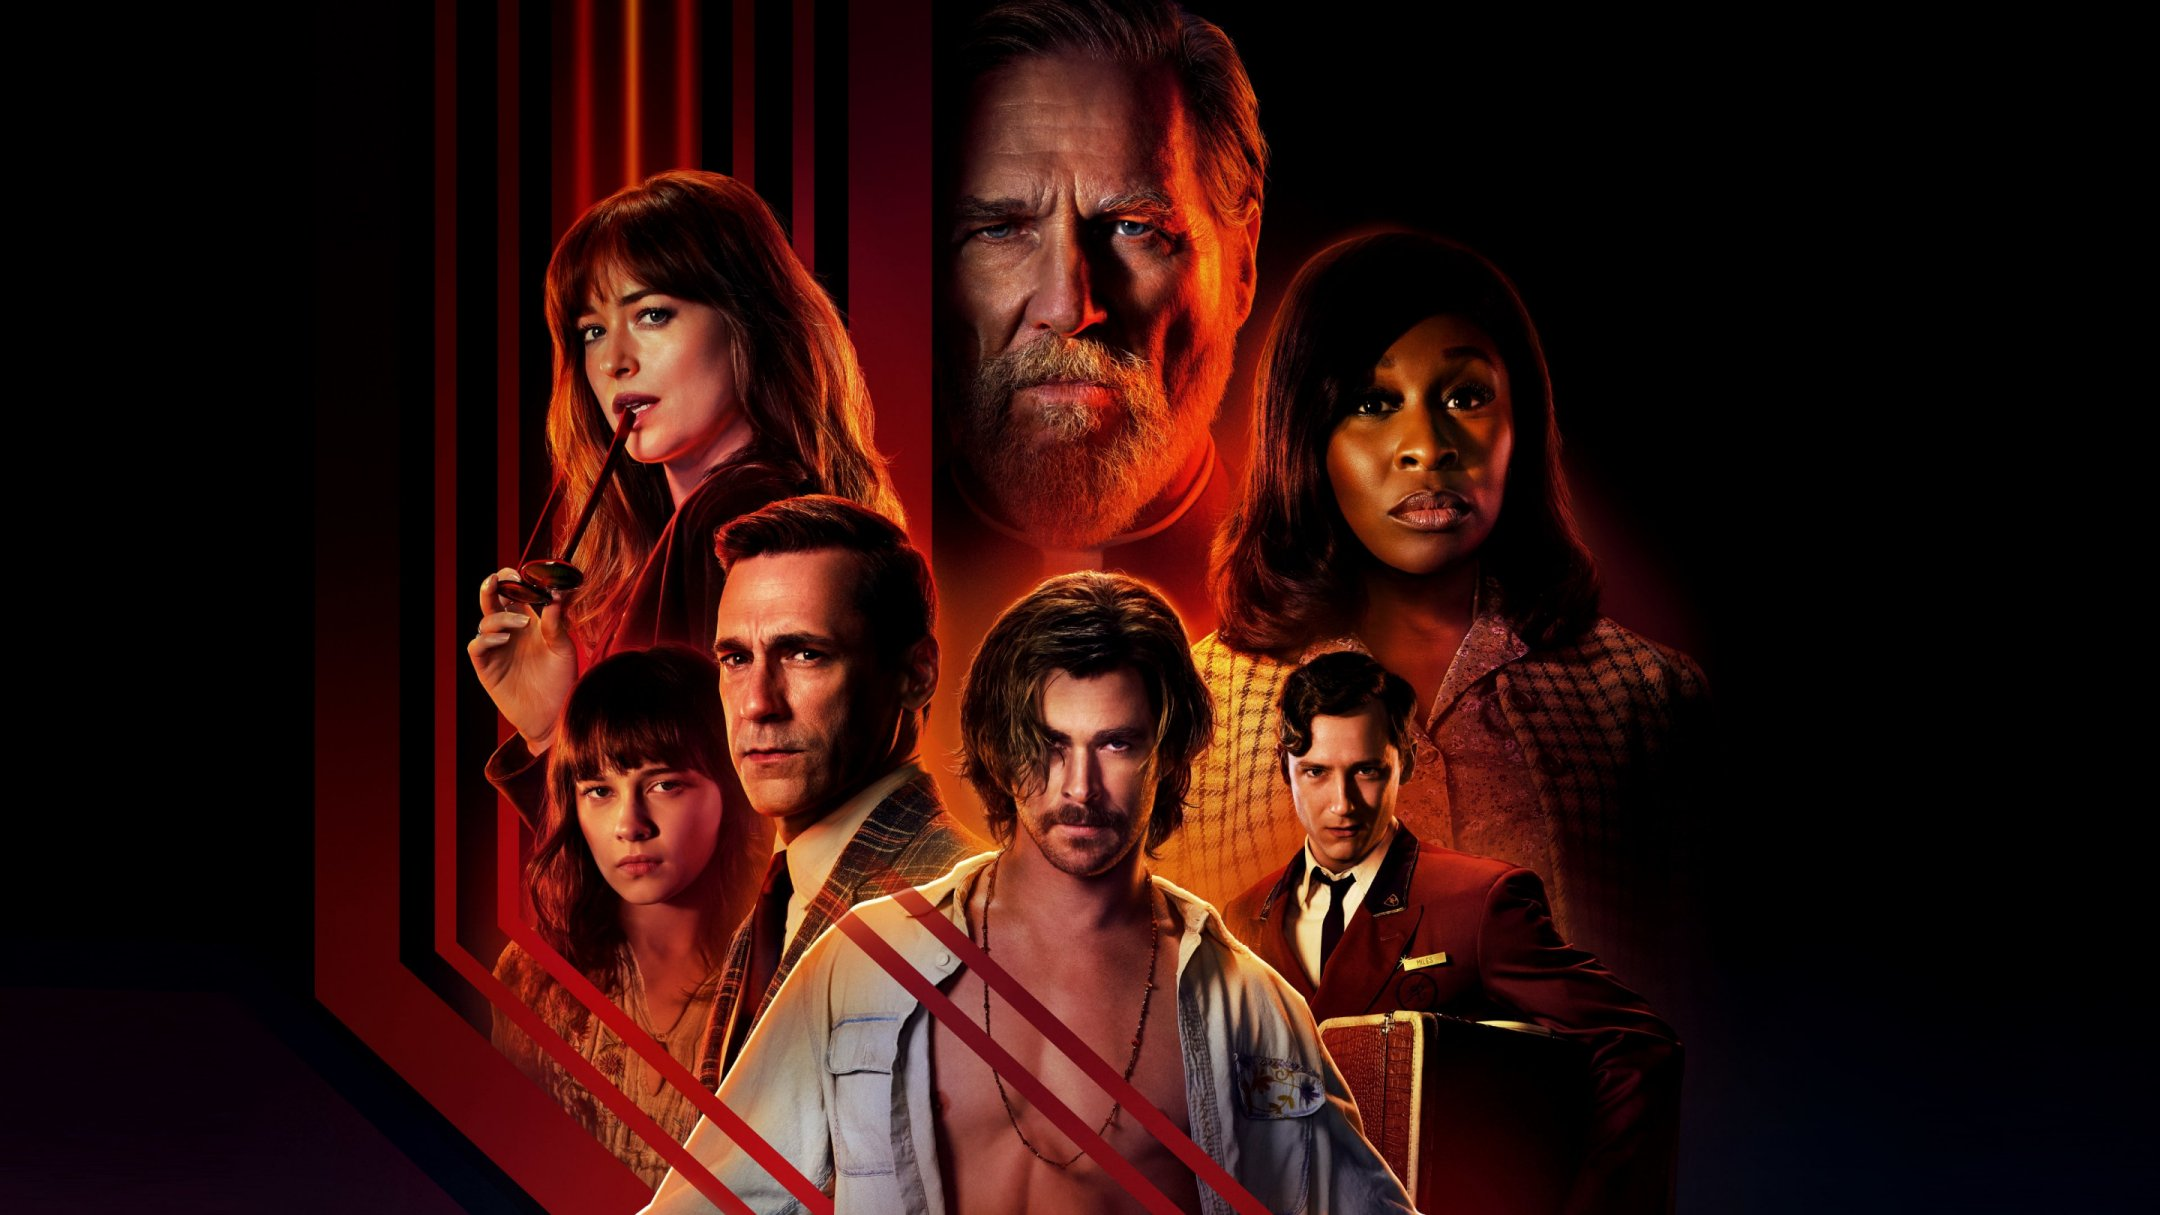 Giovedi 11 Luglio sui canali Sky Cinema HD